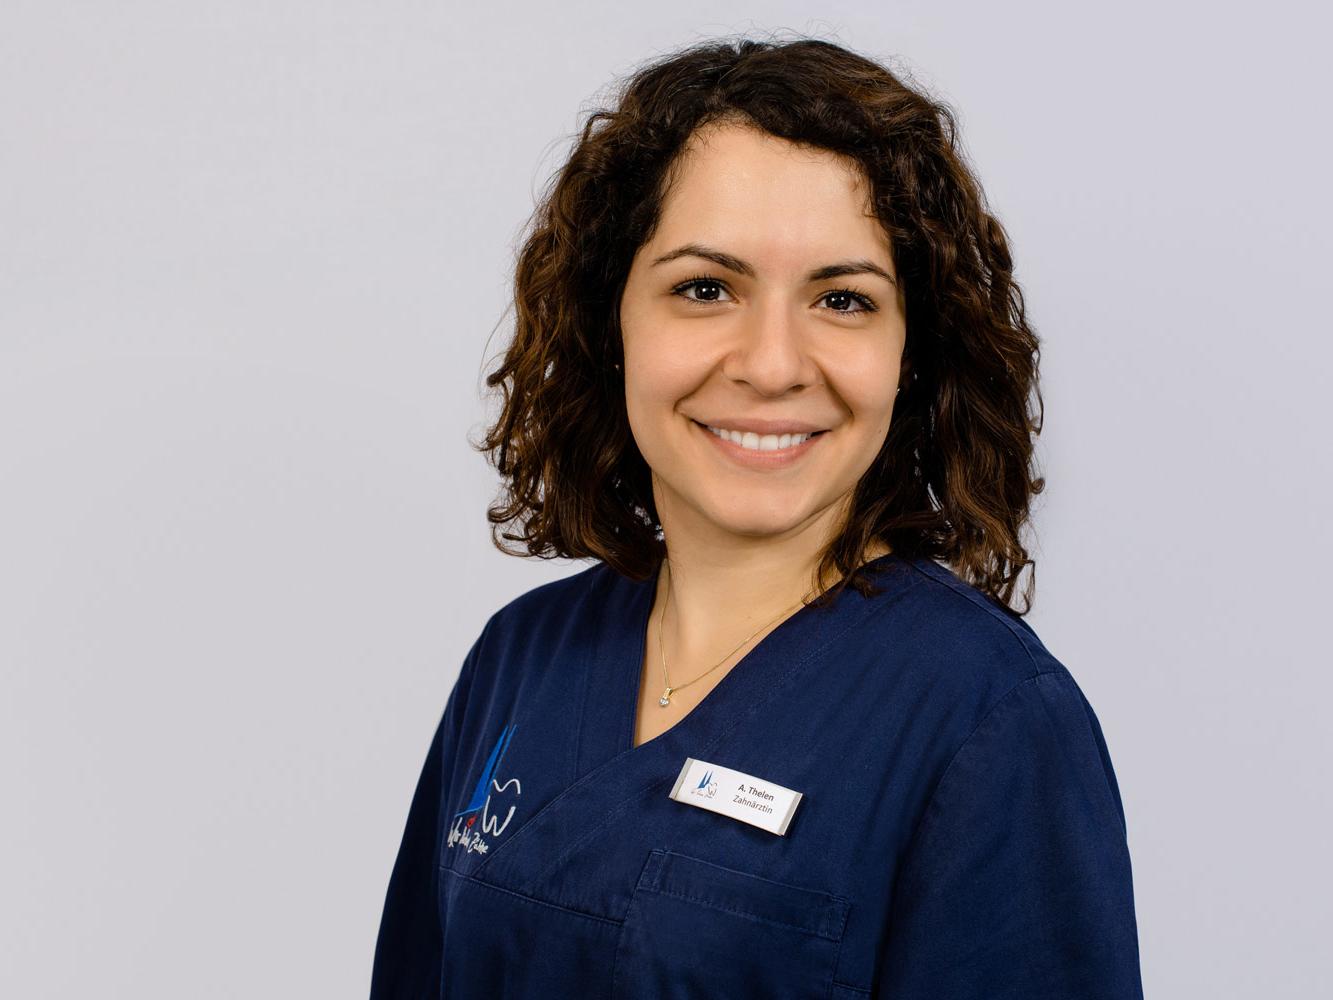 Zahnärztin Frau Anja Thelen bereichert unser Team im Zentrum für Zahnmedizin Neusser Straße.